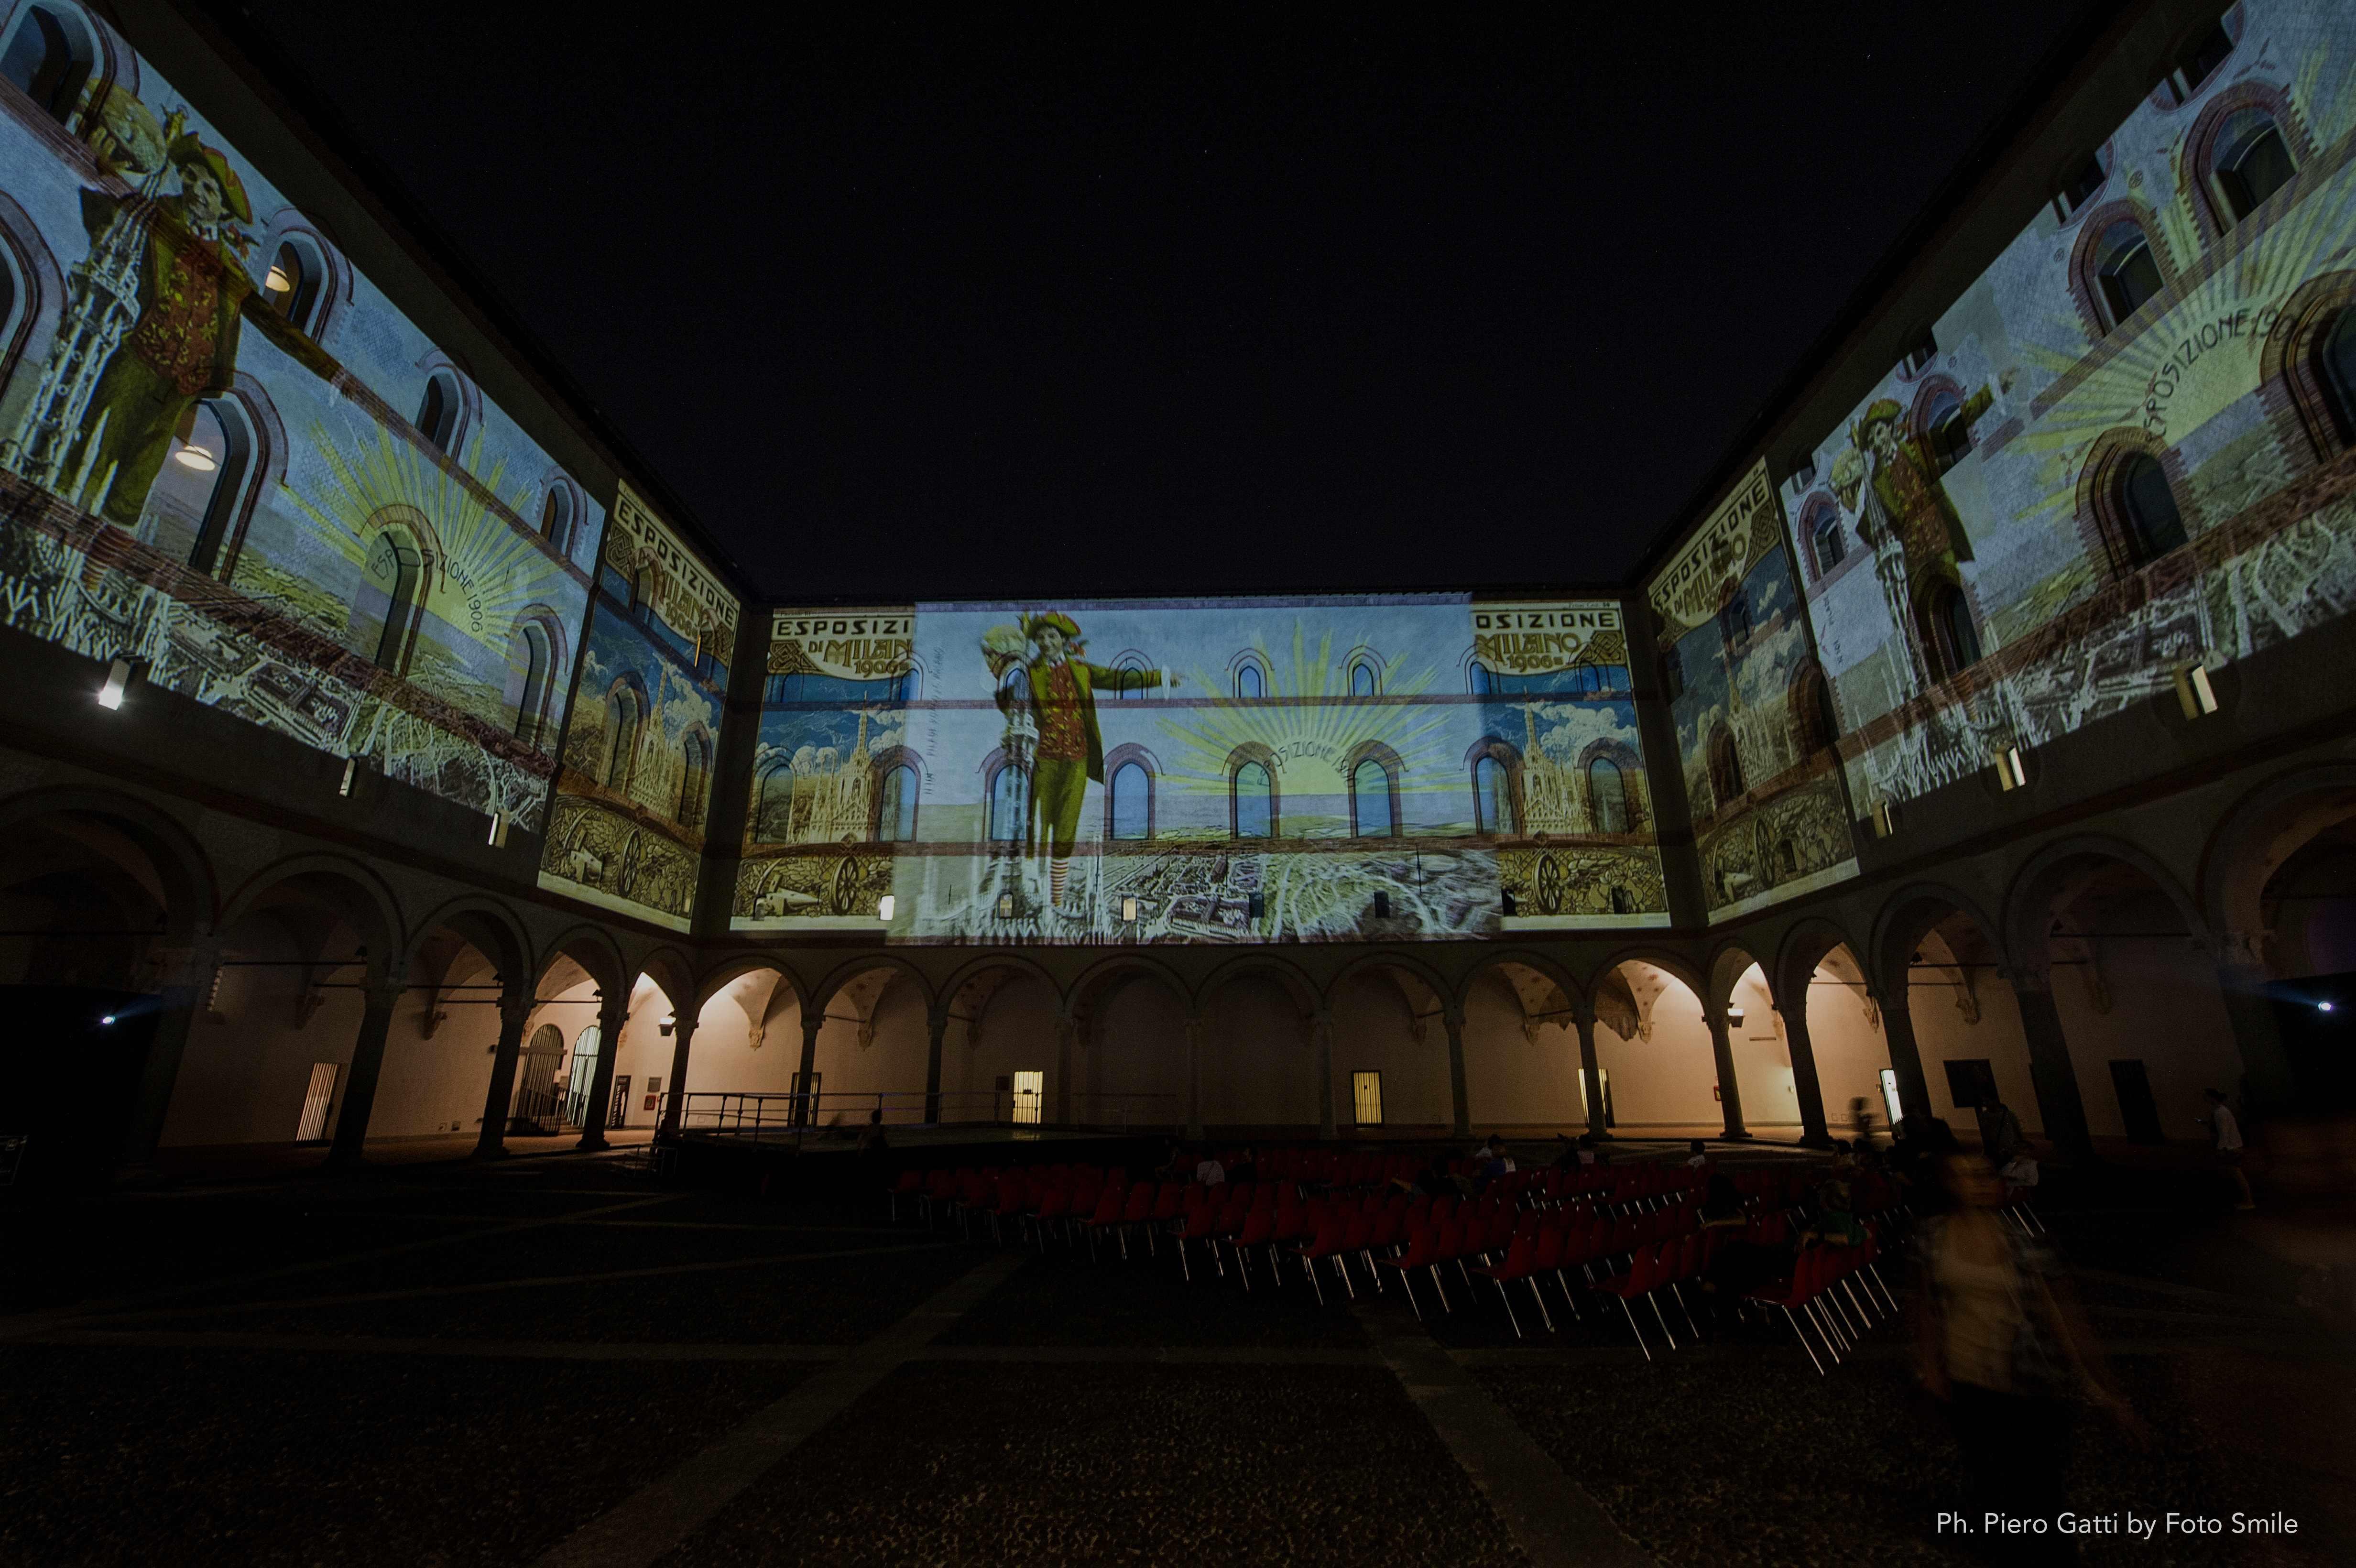 Il castello di carta luci immagini e suoni dall 39 expo for Disegni del mazzo del cortile